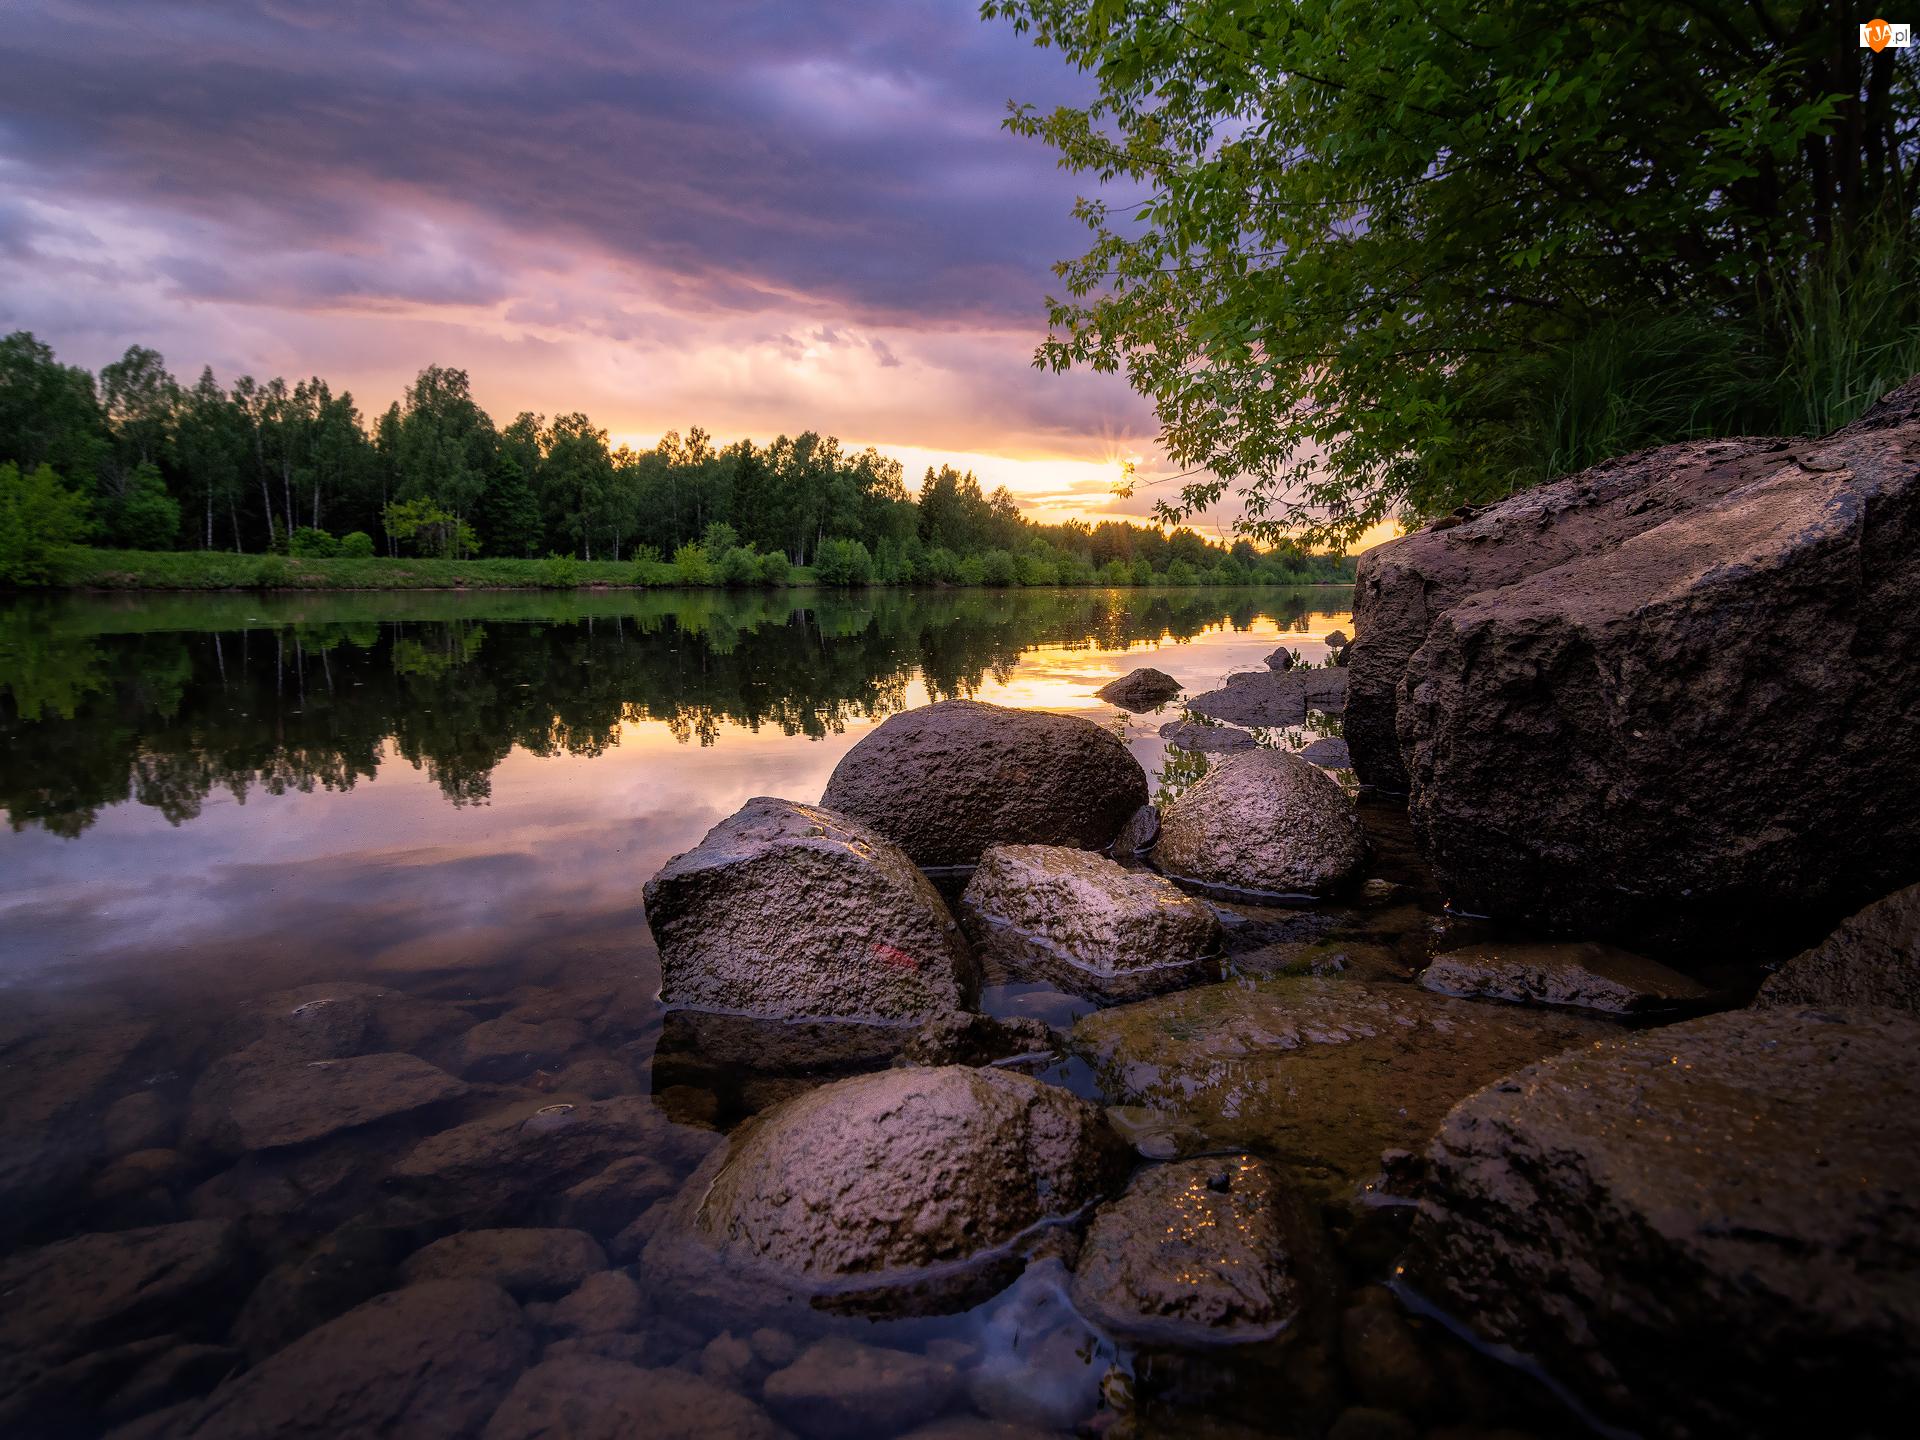 Chmury, Drzewa, Kamienie, Rzeka, Wschód słońca